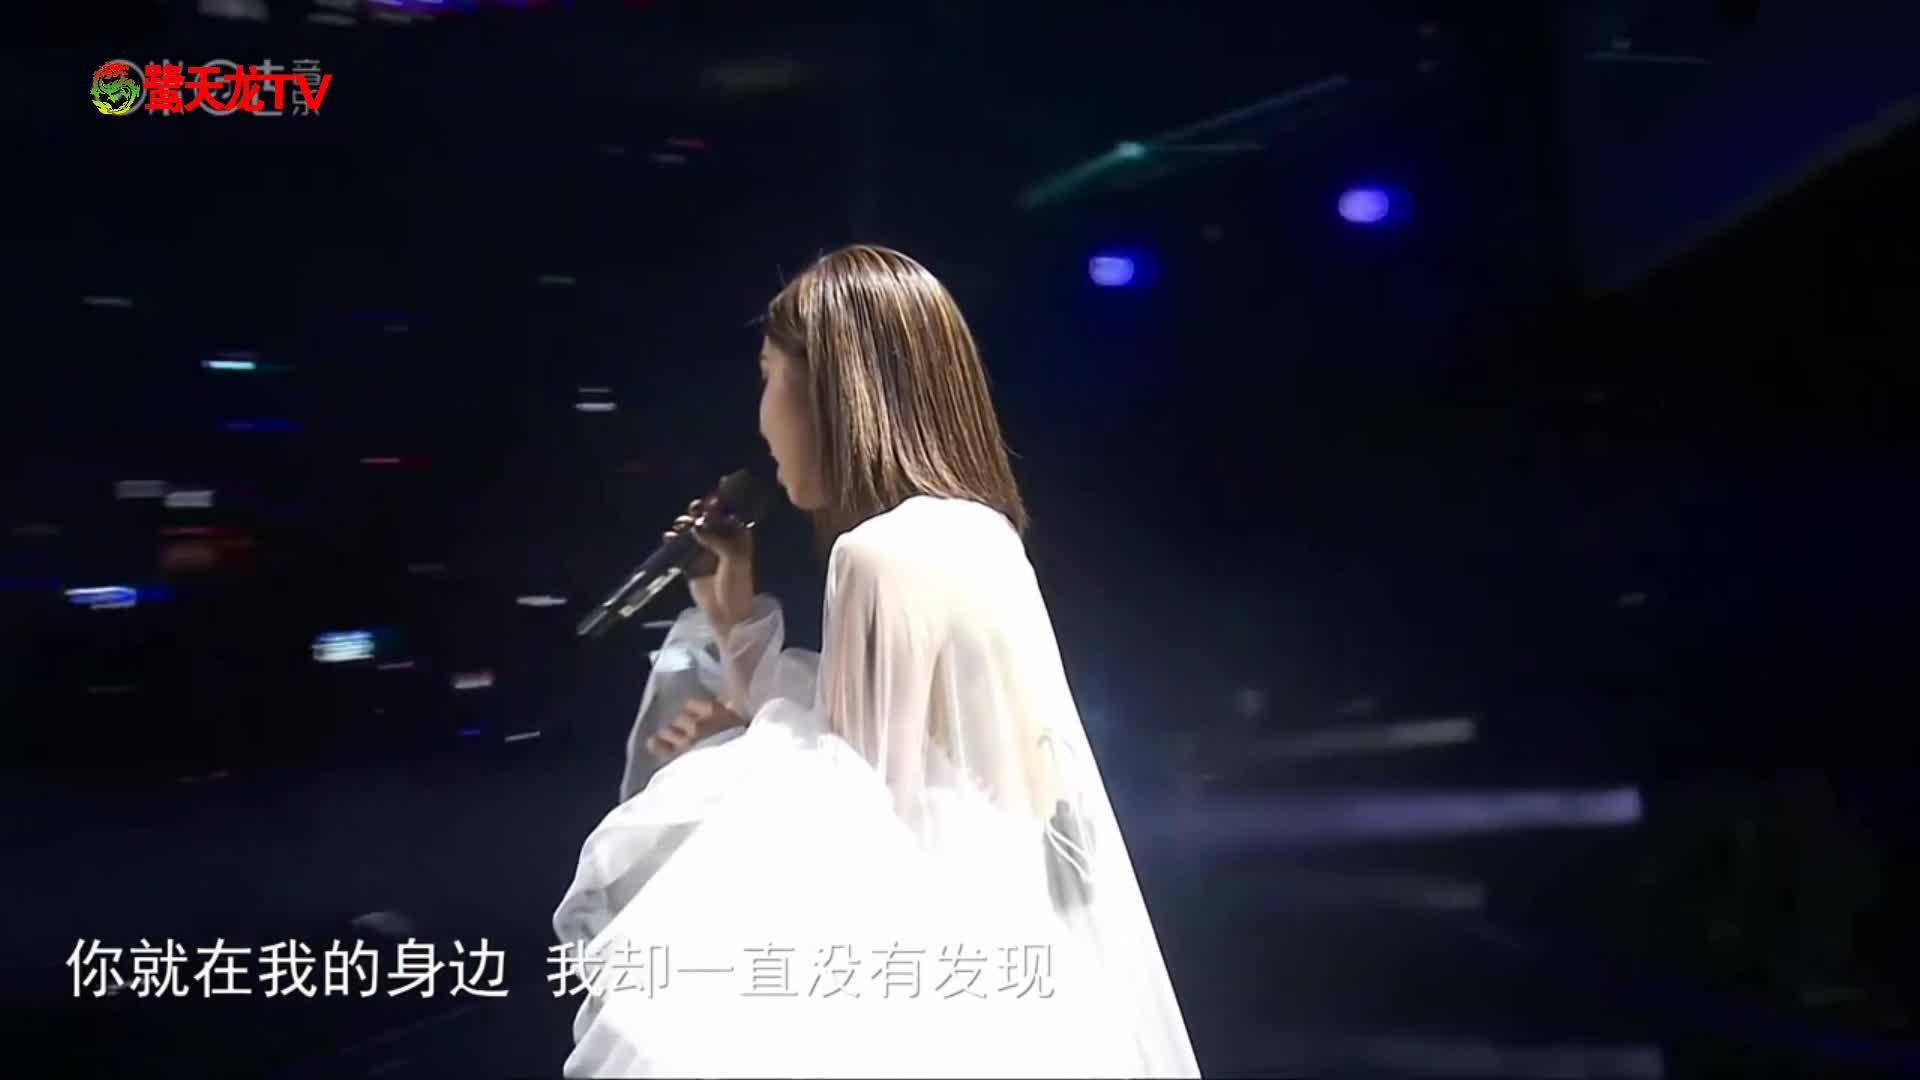 第十一届音乐盛典咪咕汇:邓紫棋《盲点》